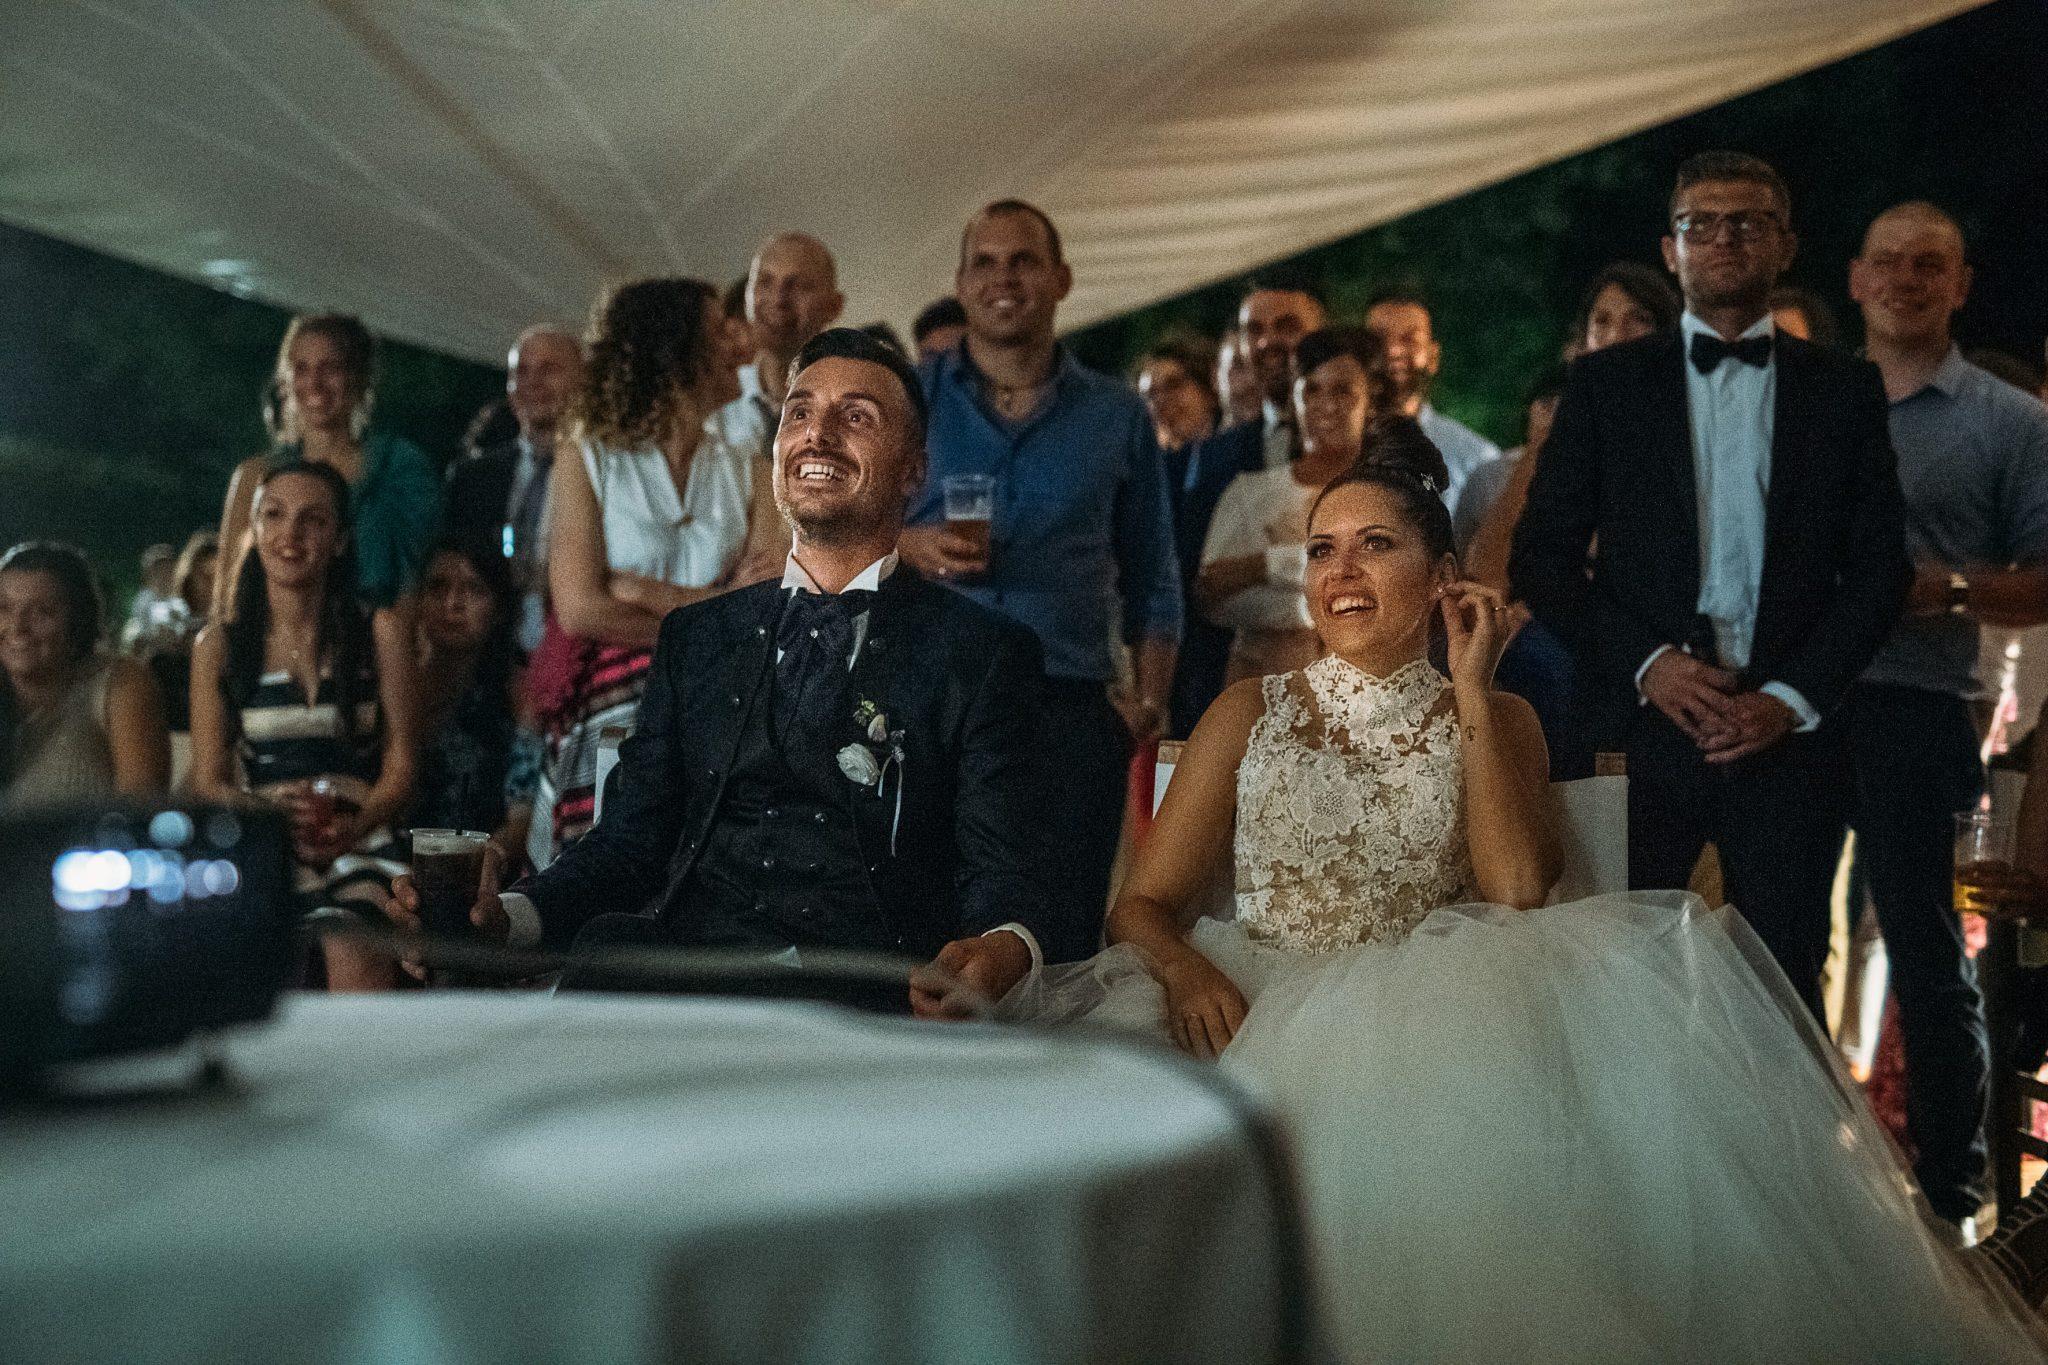 gli sposi seduti insieme agli invitati si divertono a guardare i video